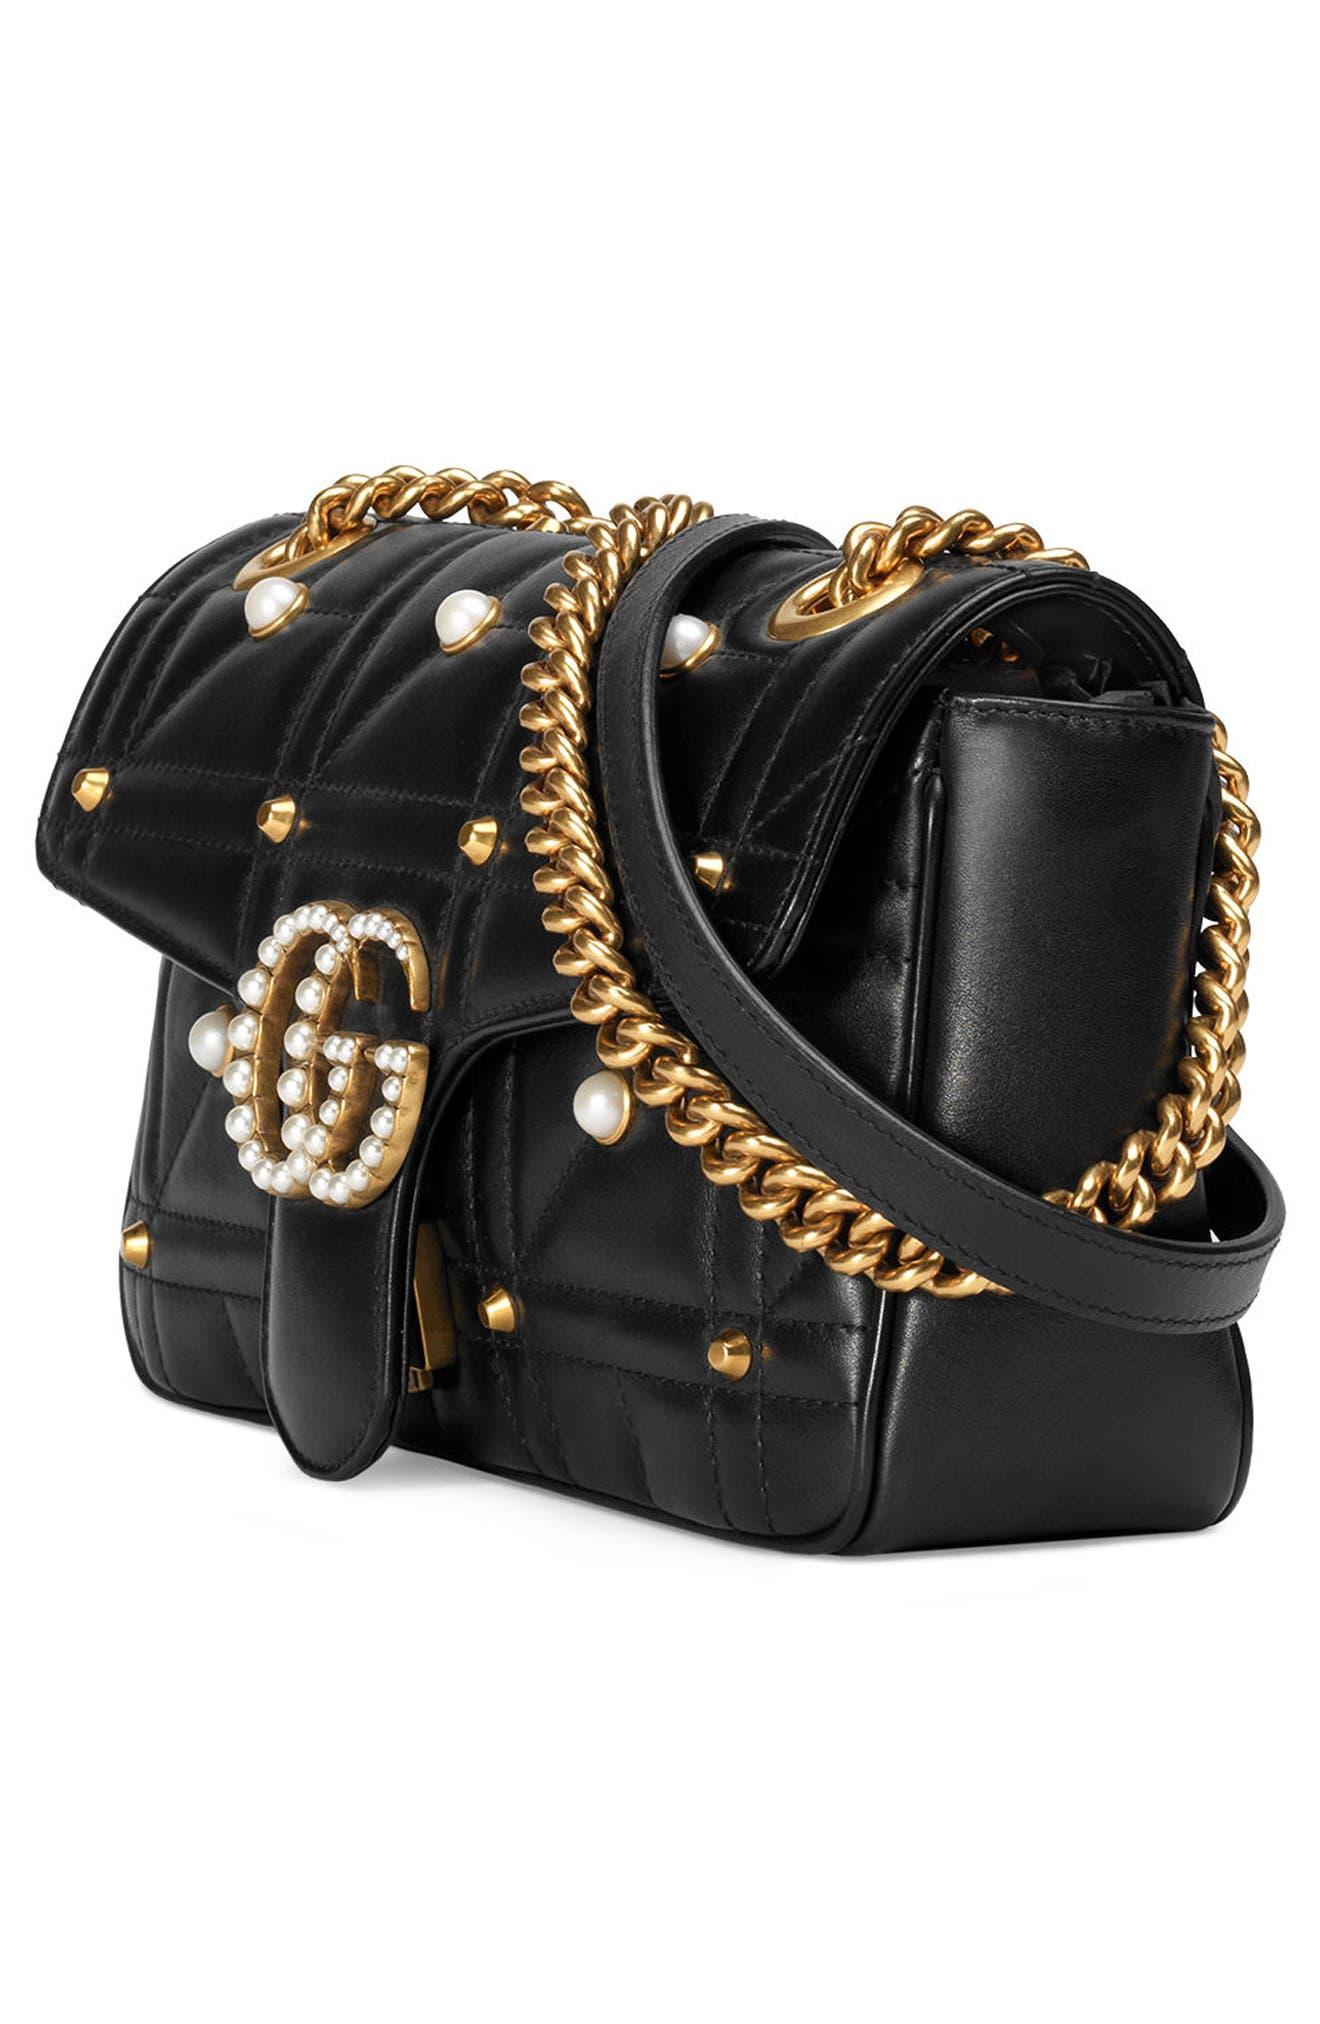 GG Marmont Matelassé Imitation Pearl Leather Shoulder Bag,                             Alternate thumbnail 7, color,